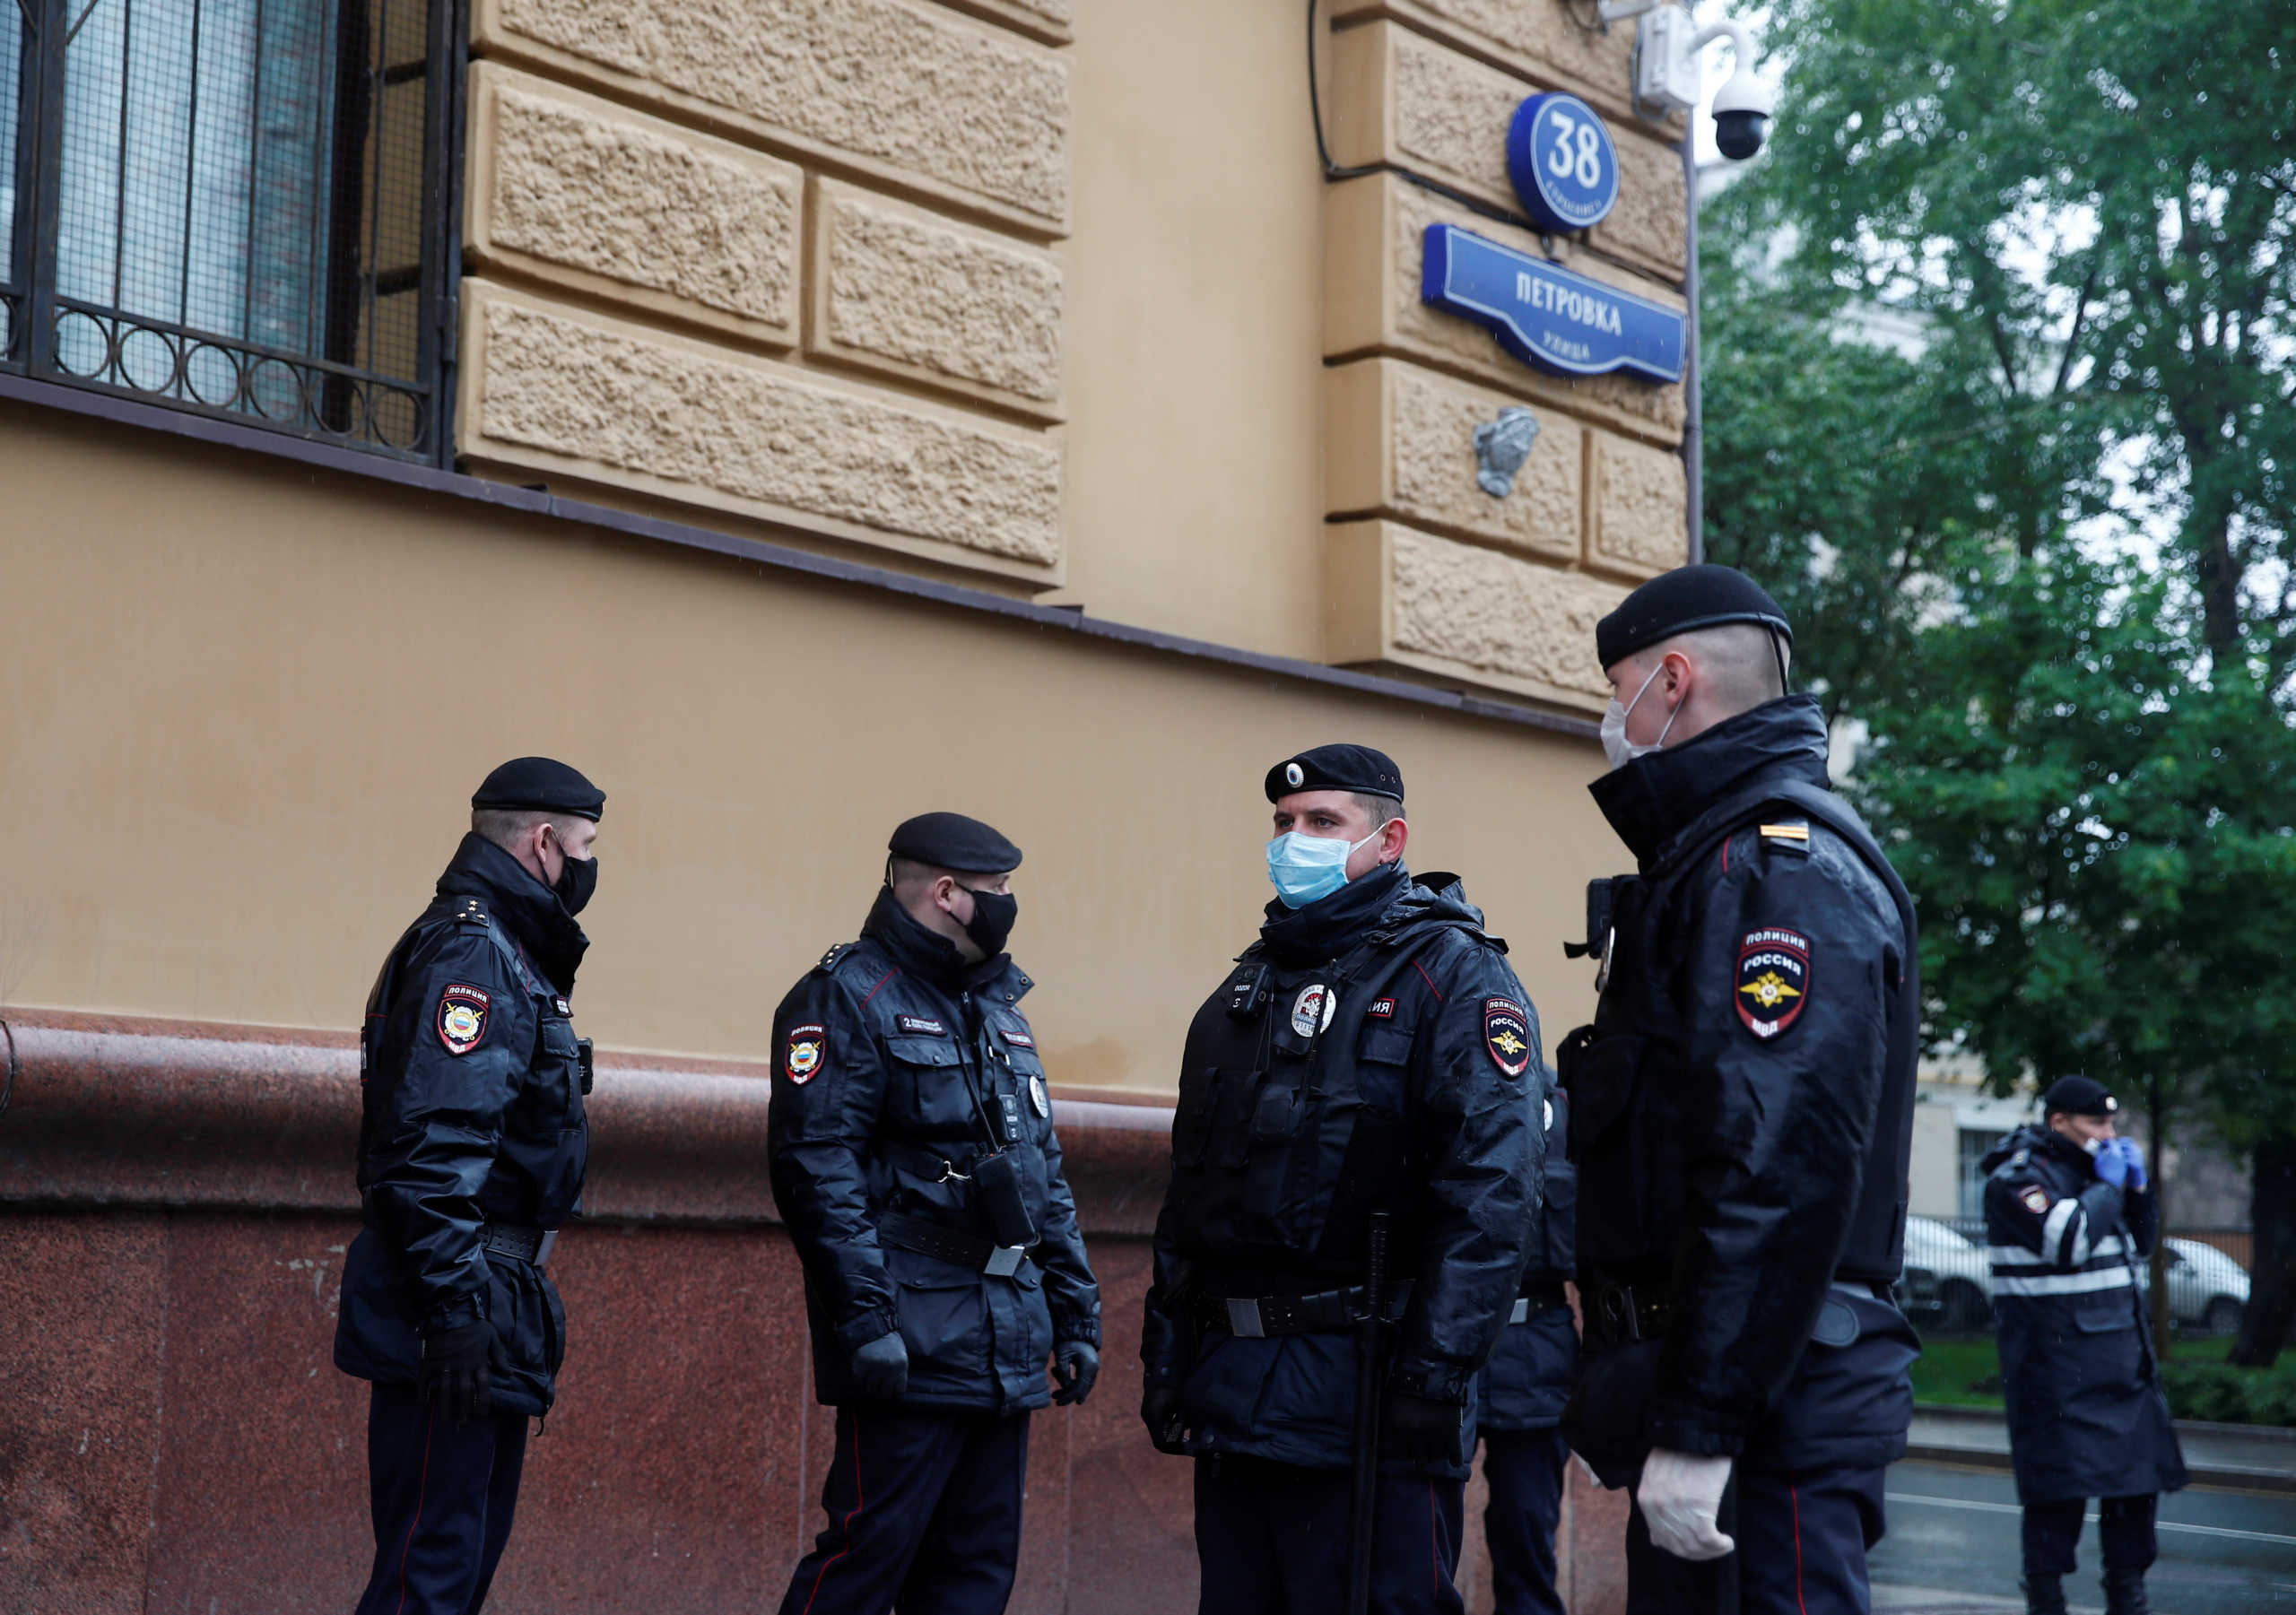 Ρωσία: Φυλάκιση 14 ημερών σε ακτιβιστή –  Συμμετείχε σε διαδήλωση χωρίς την έγκριση των αρχών